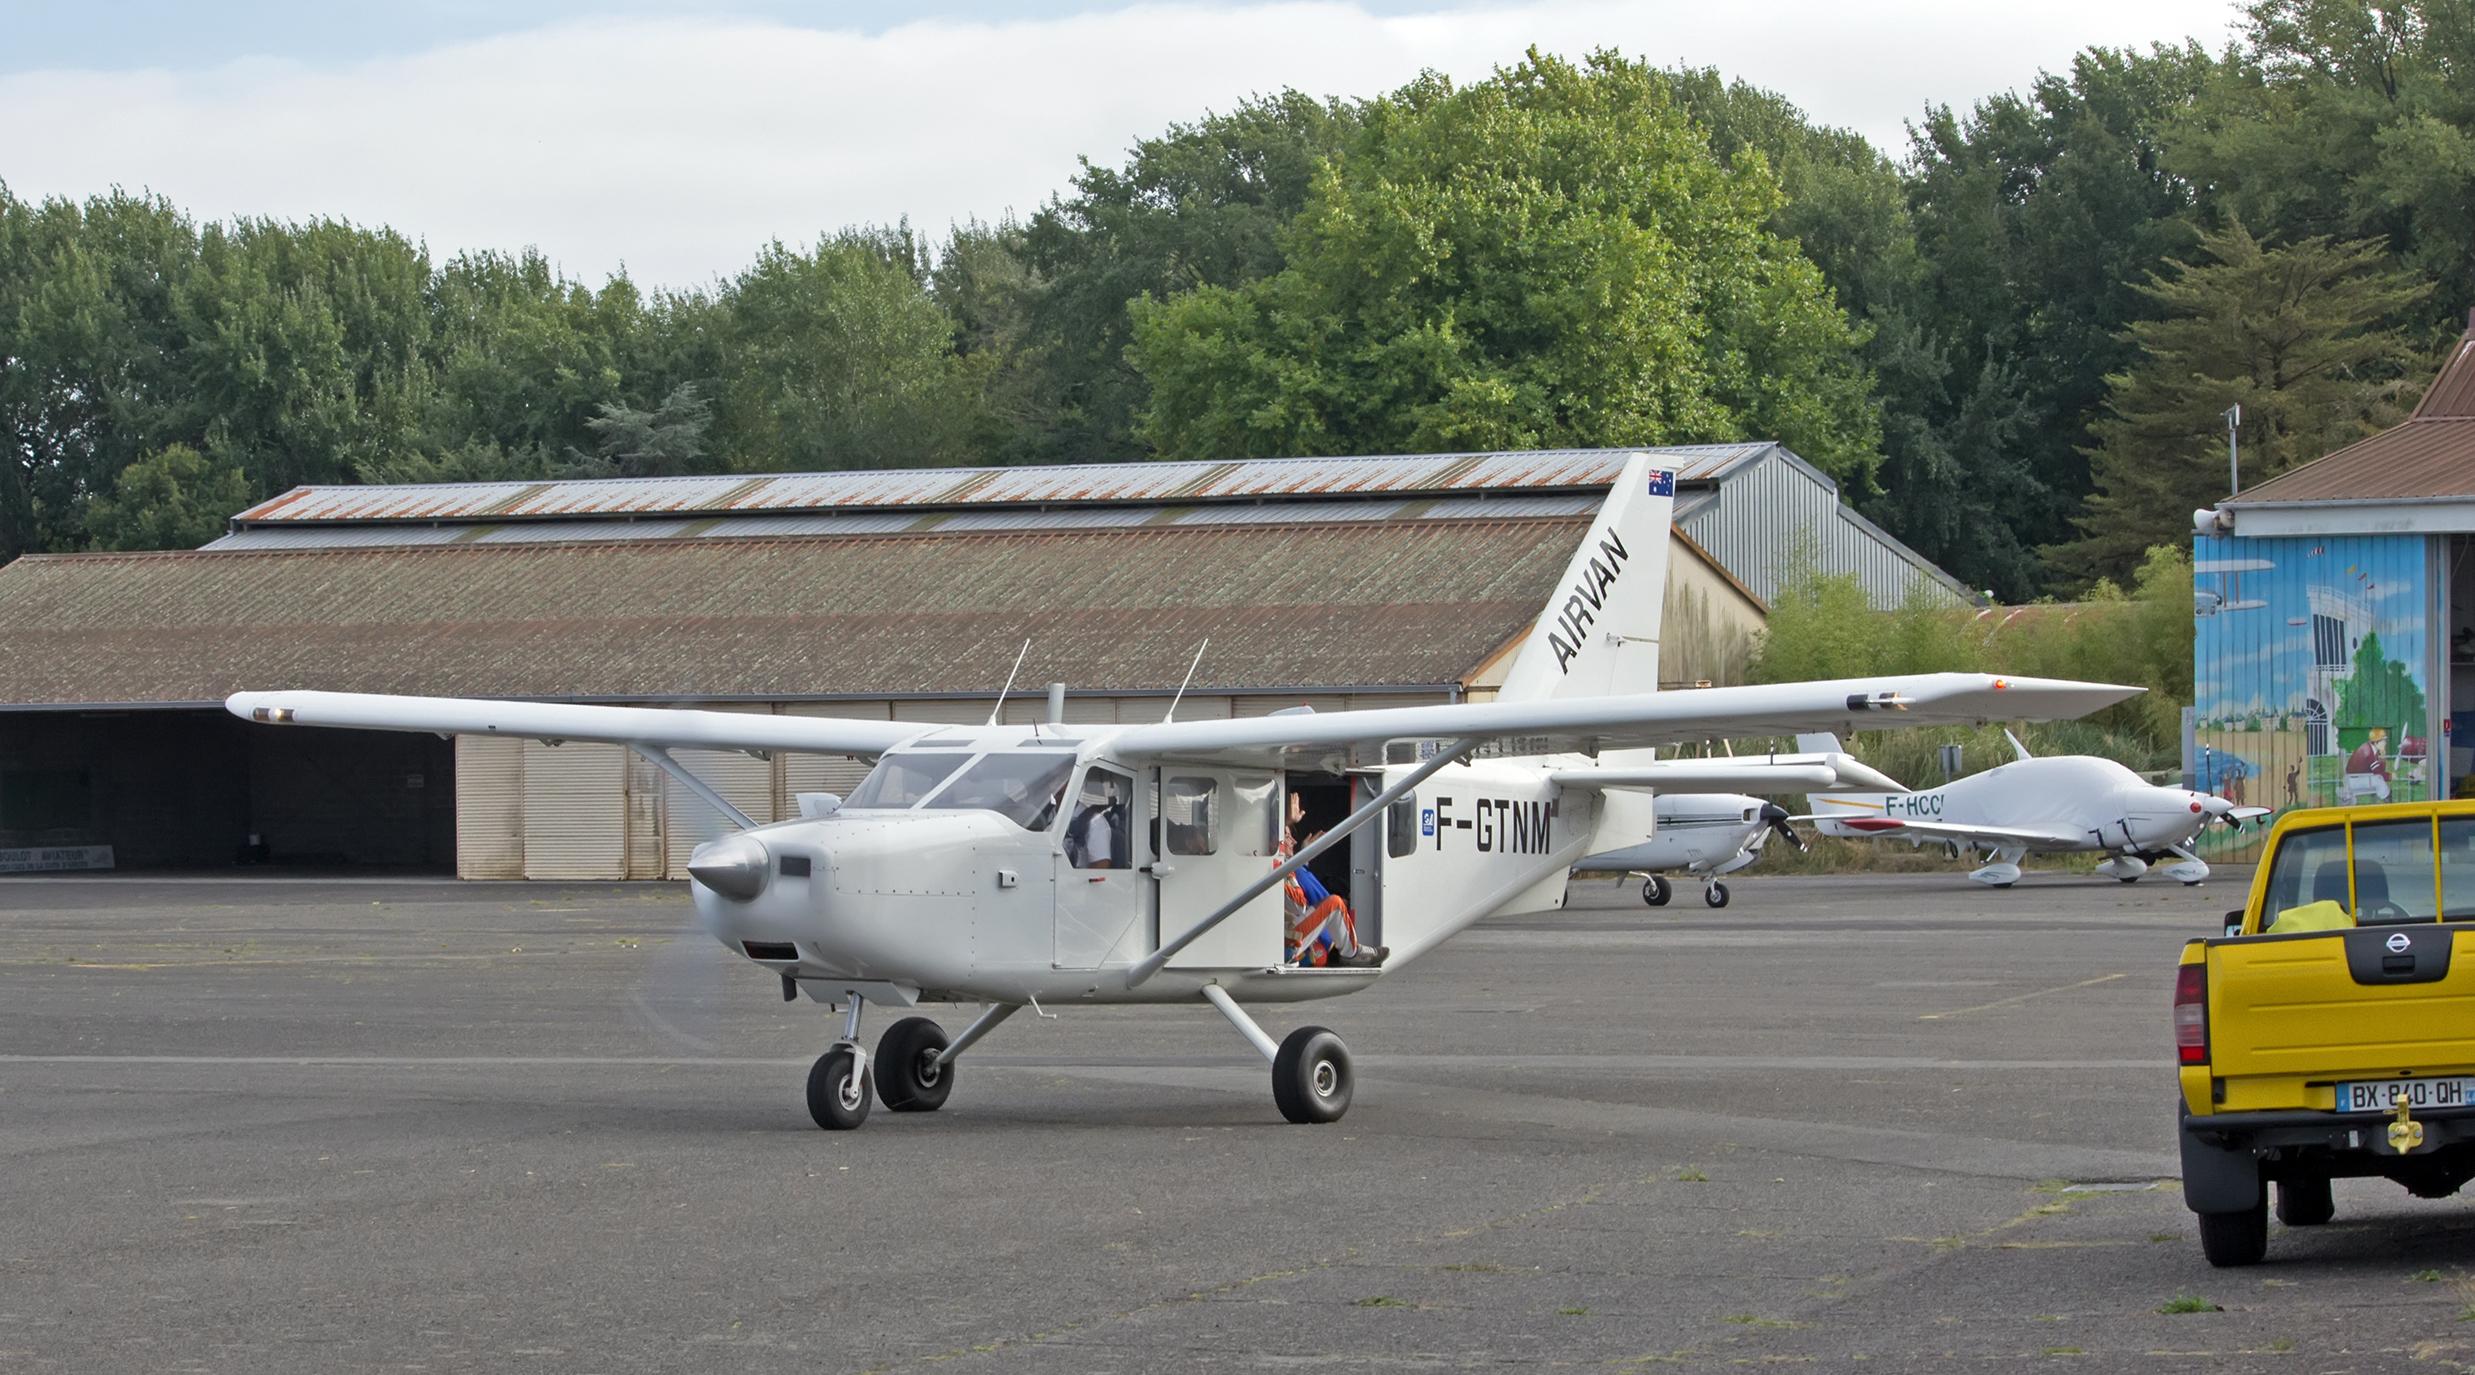 Aérodrome de La Baule Escoublac - Page 3 491386LaBaule2016090505